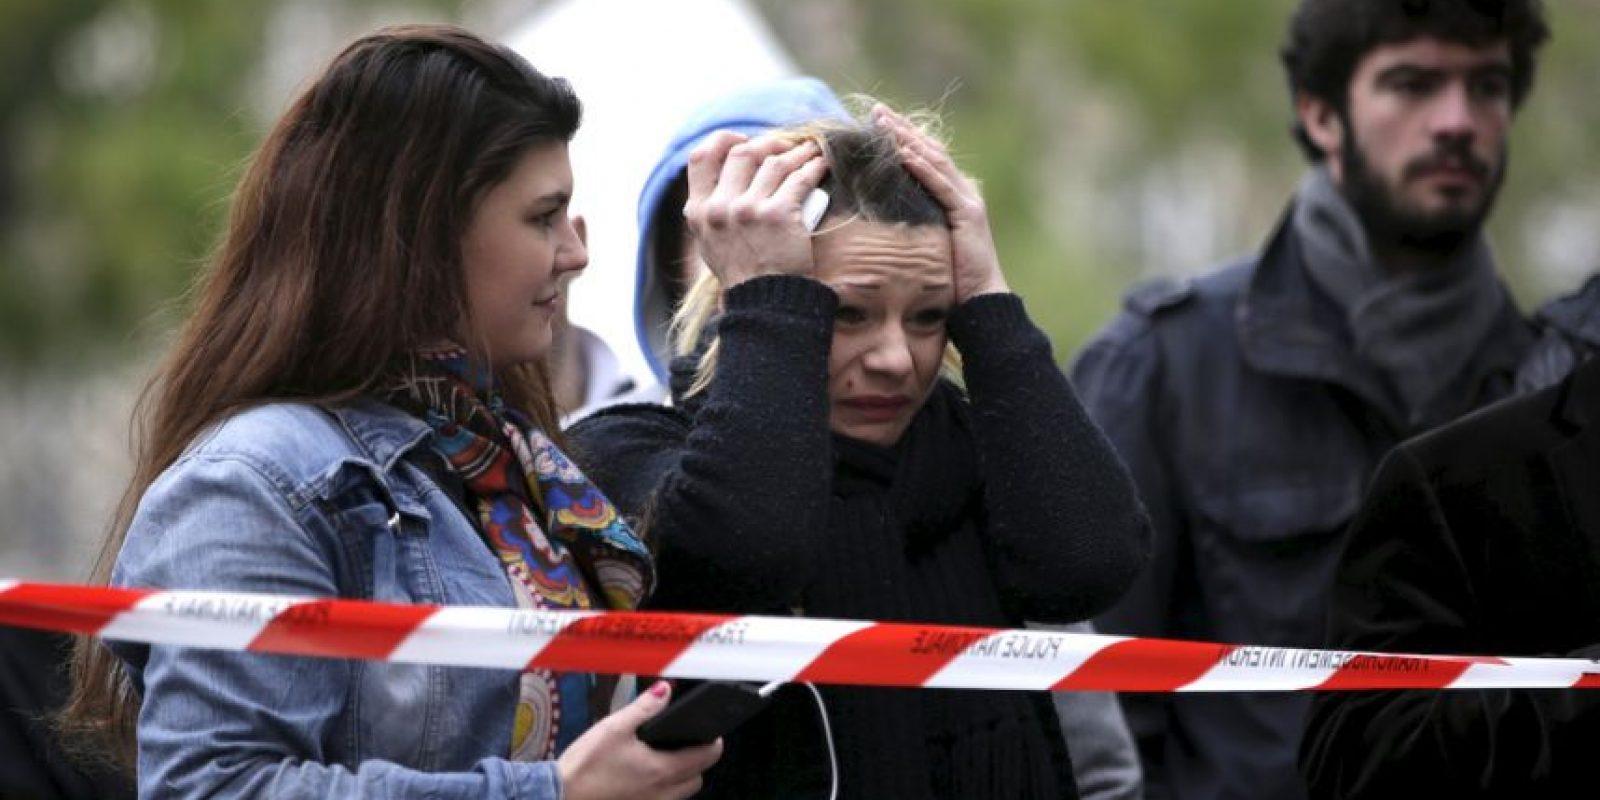 Los atentados fueron llevados a cabo por el Estado Islámico. Foto:AFP